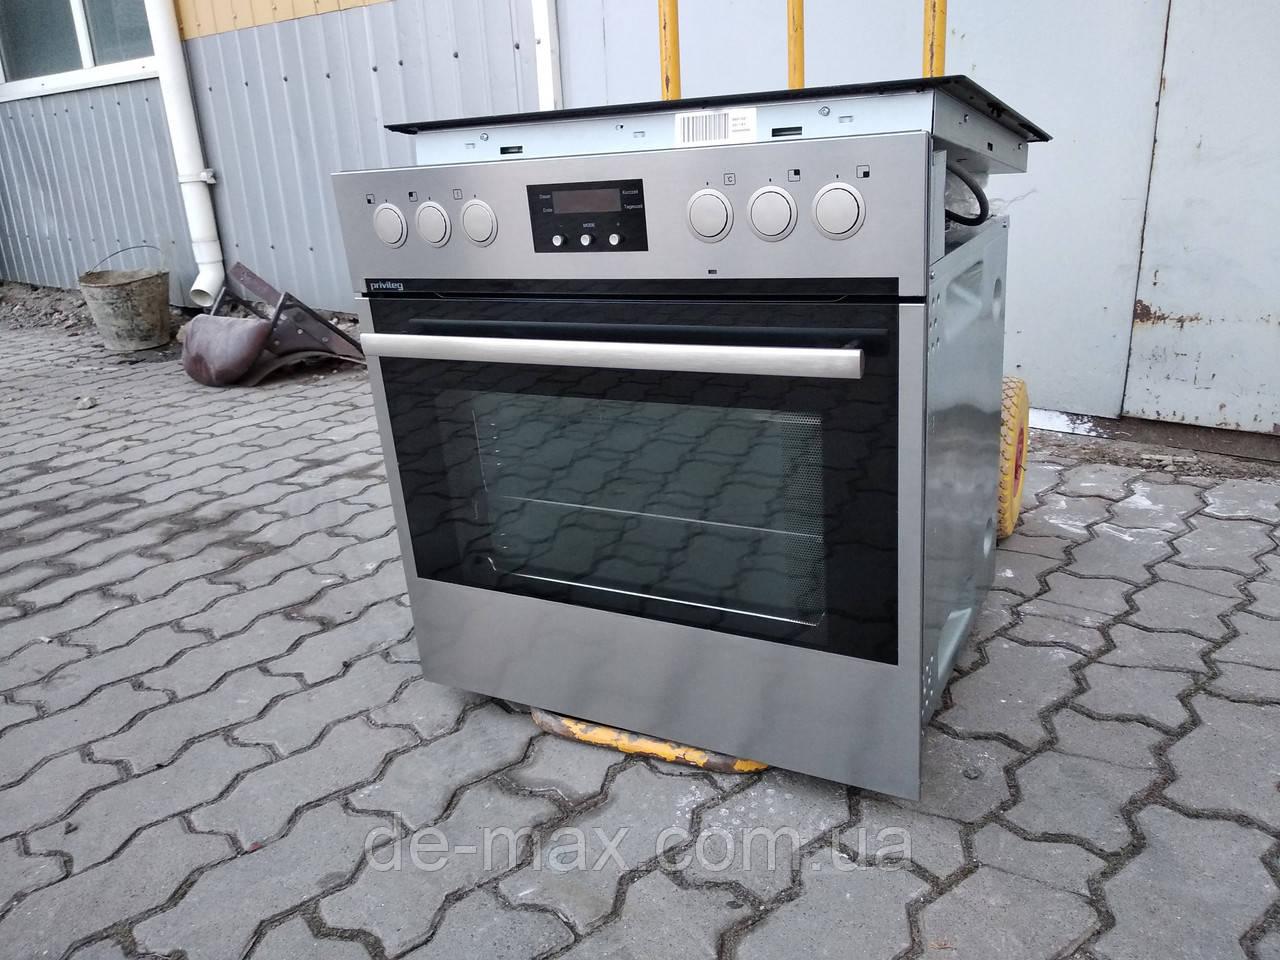 Духовой шкаф и индукционная варочная панель  privileg eh54000 e-im